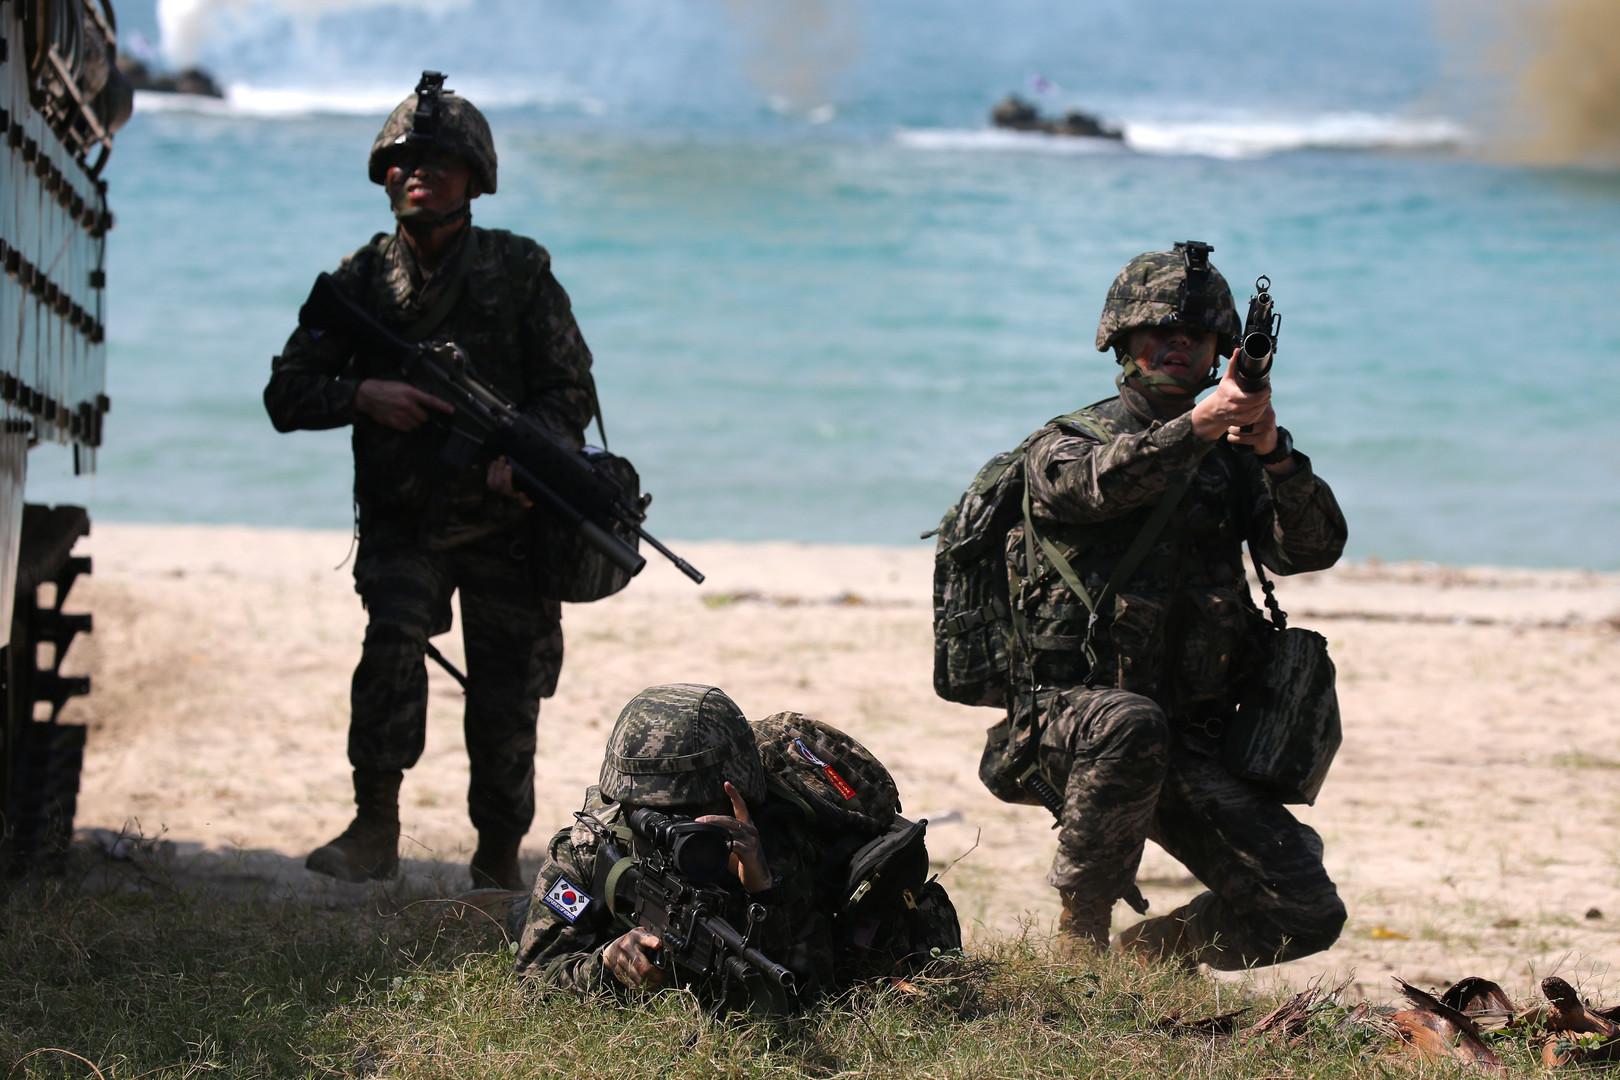 """Südkoreanische Soldaten nehmen an einer amphibischen Angriffsübung im Rahmen von """"Cobra Gold 2018"""" in der thailändischen Chonburi Provinz teil, 19. Februar 2018."""